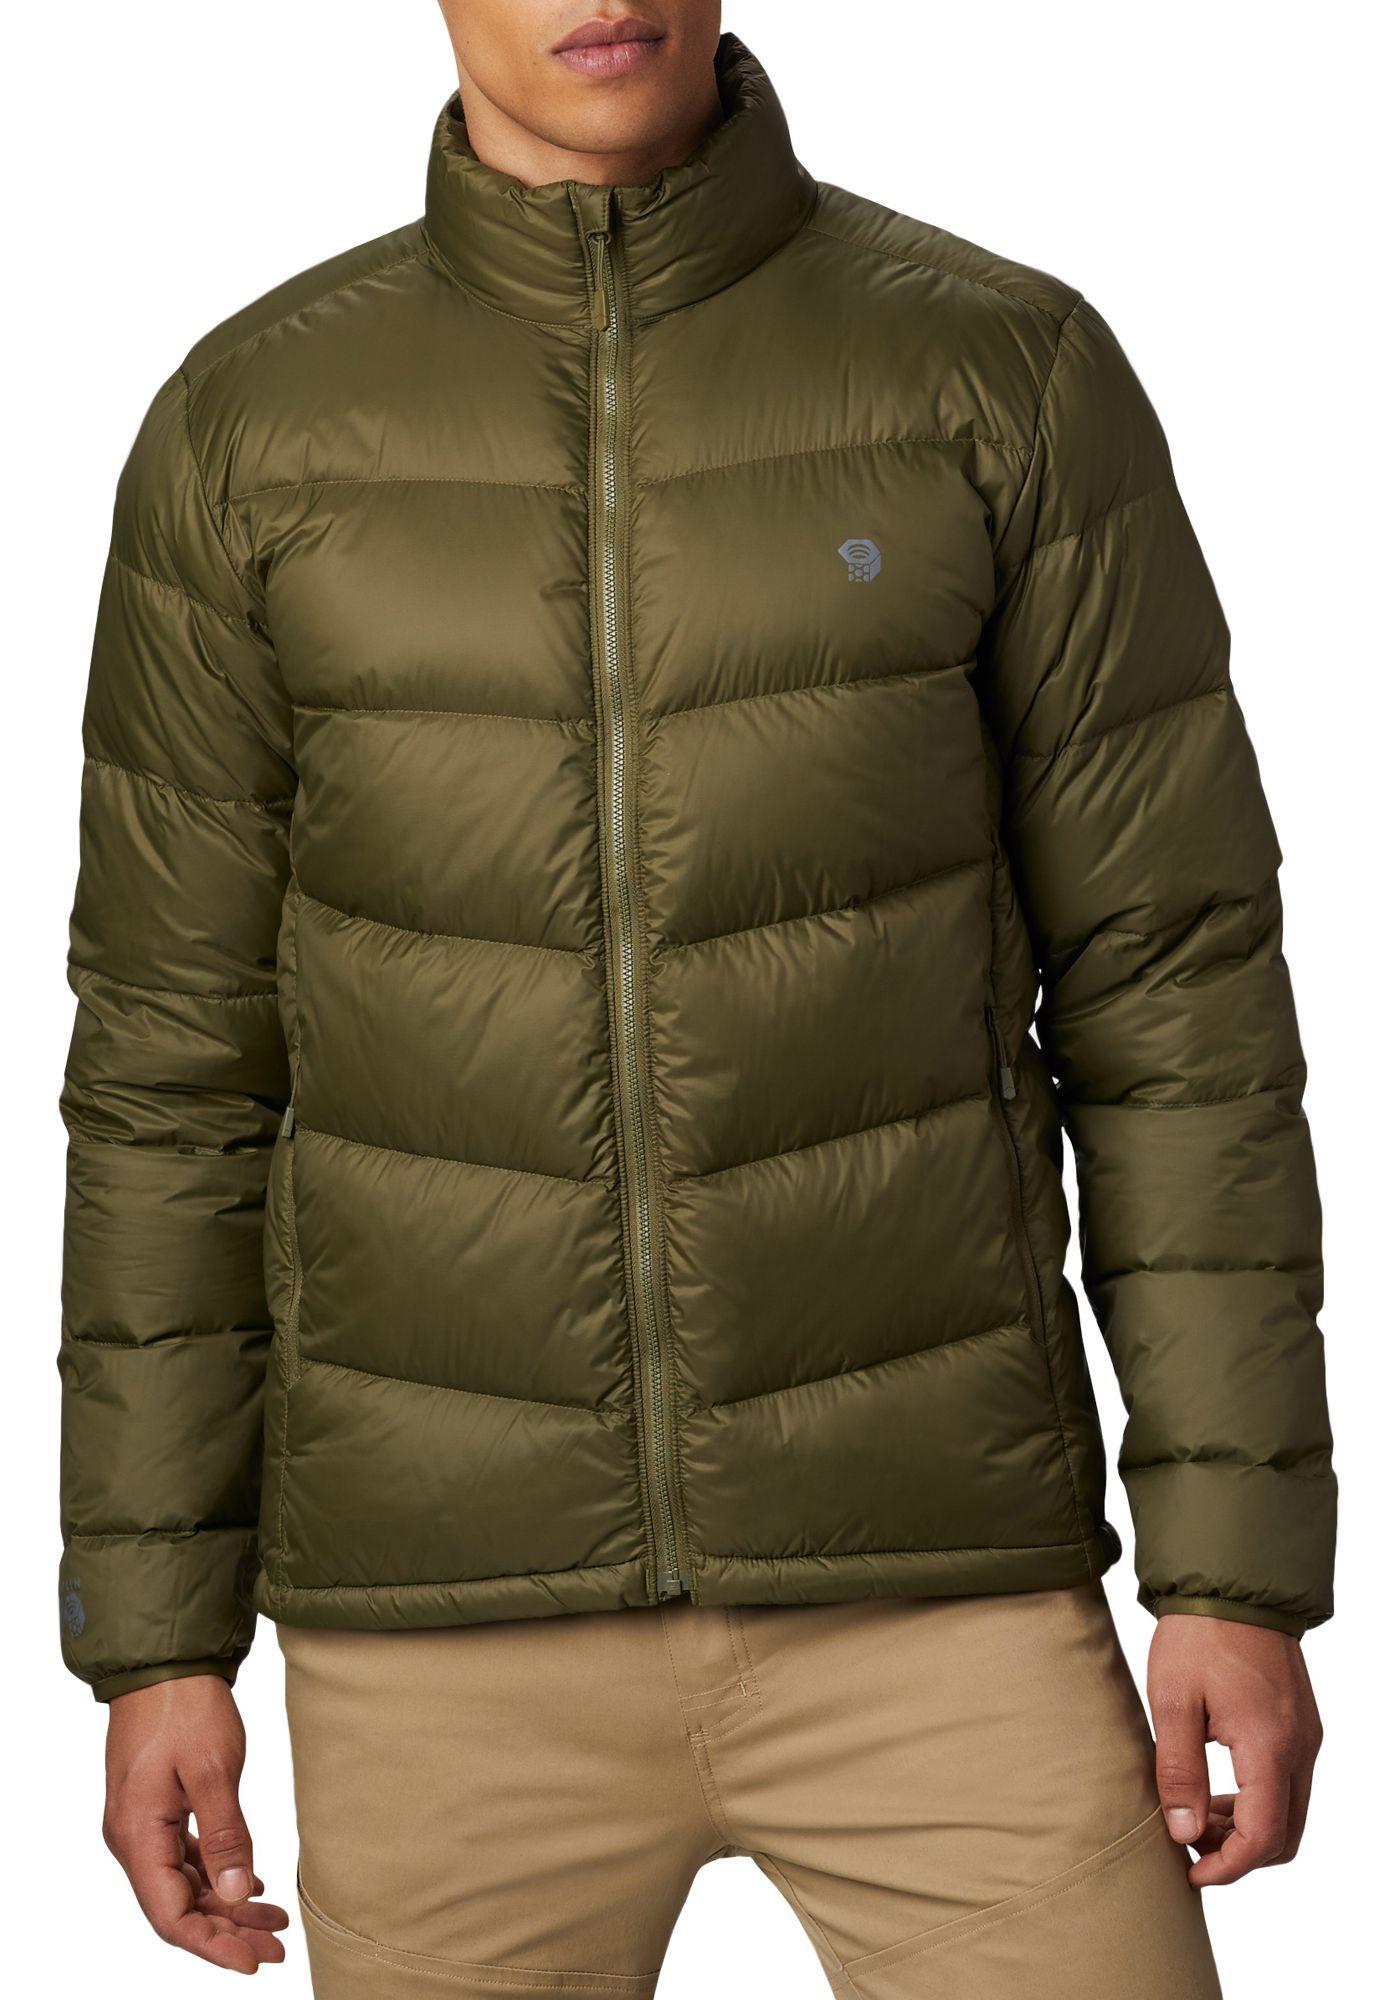 Mountain Hardwear Men's Mt. Eyak Packable Down Jacket